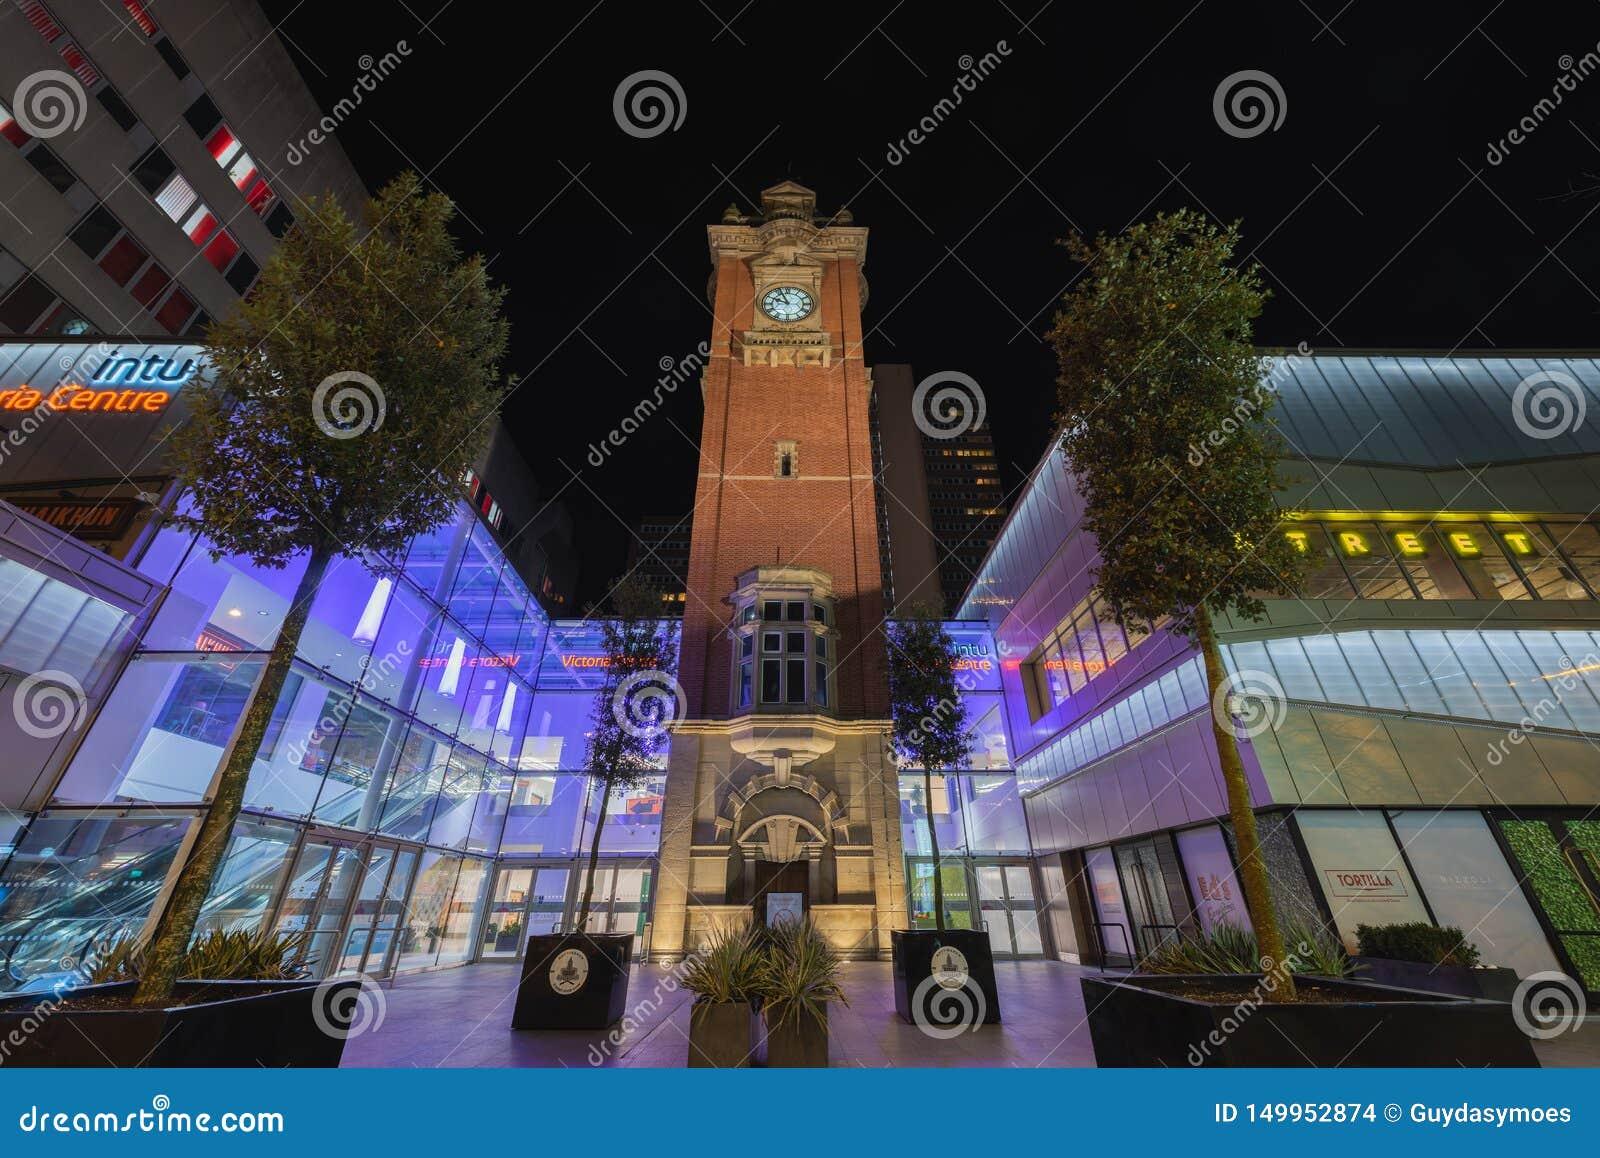 Центр Intu Виктория - Ноттингем